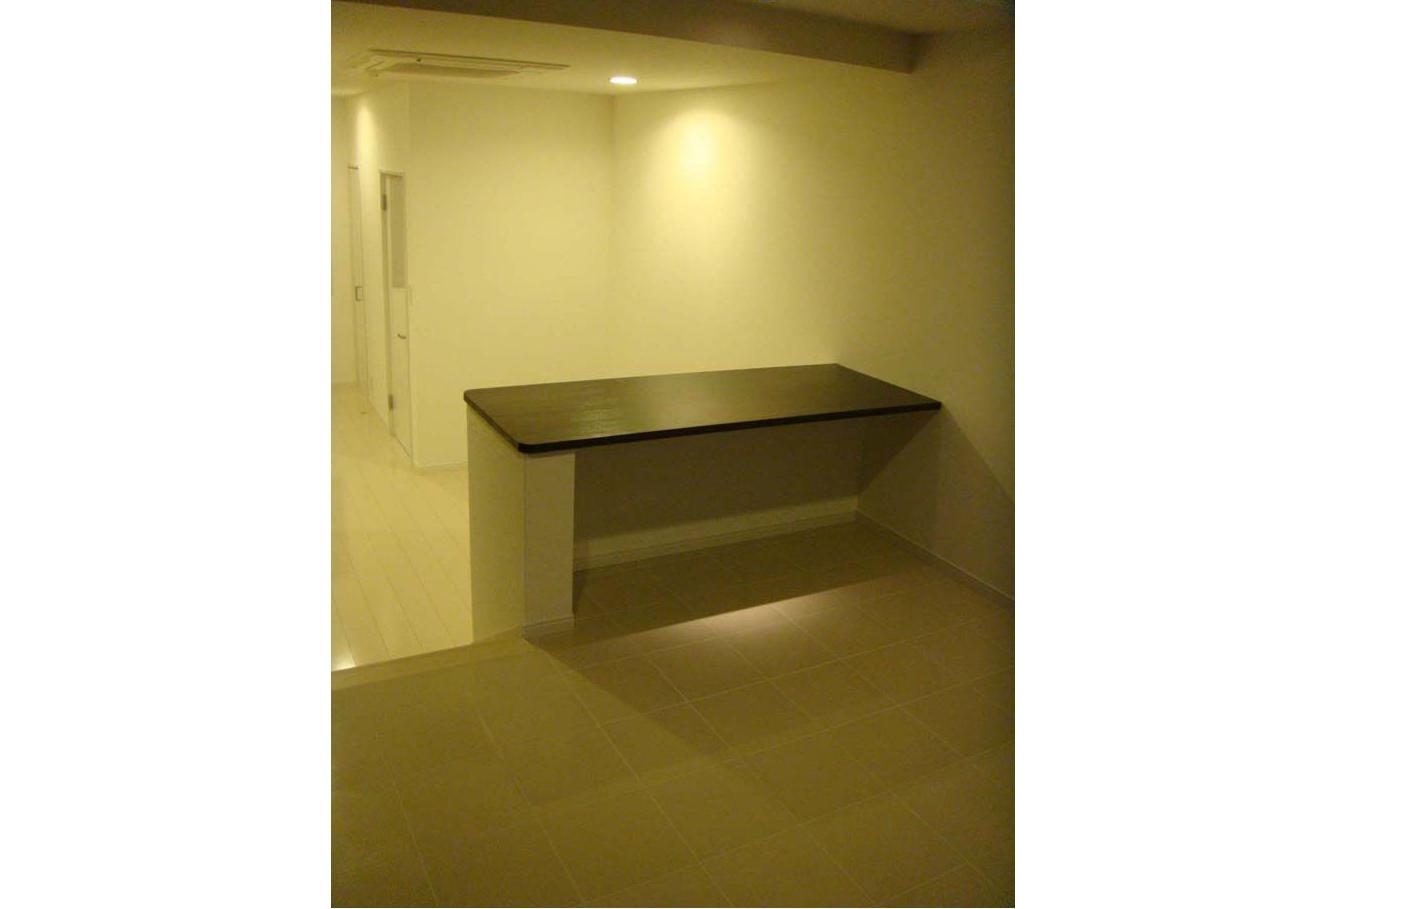 賃貸アパートHamanogi Apartmentの室内の様子です